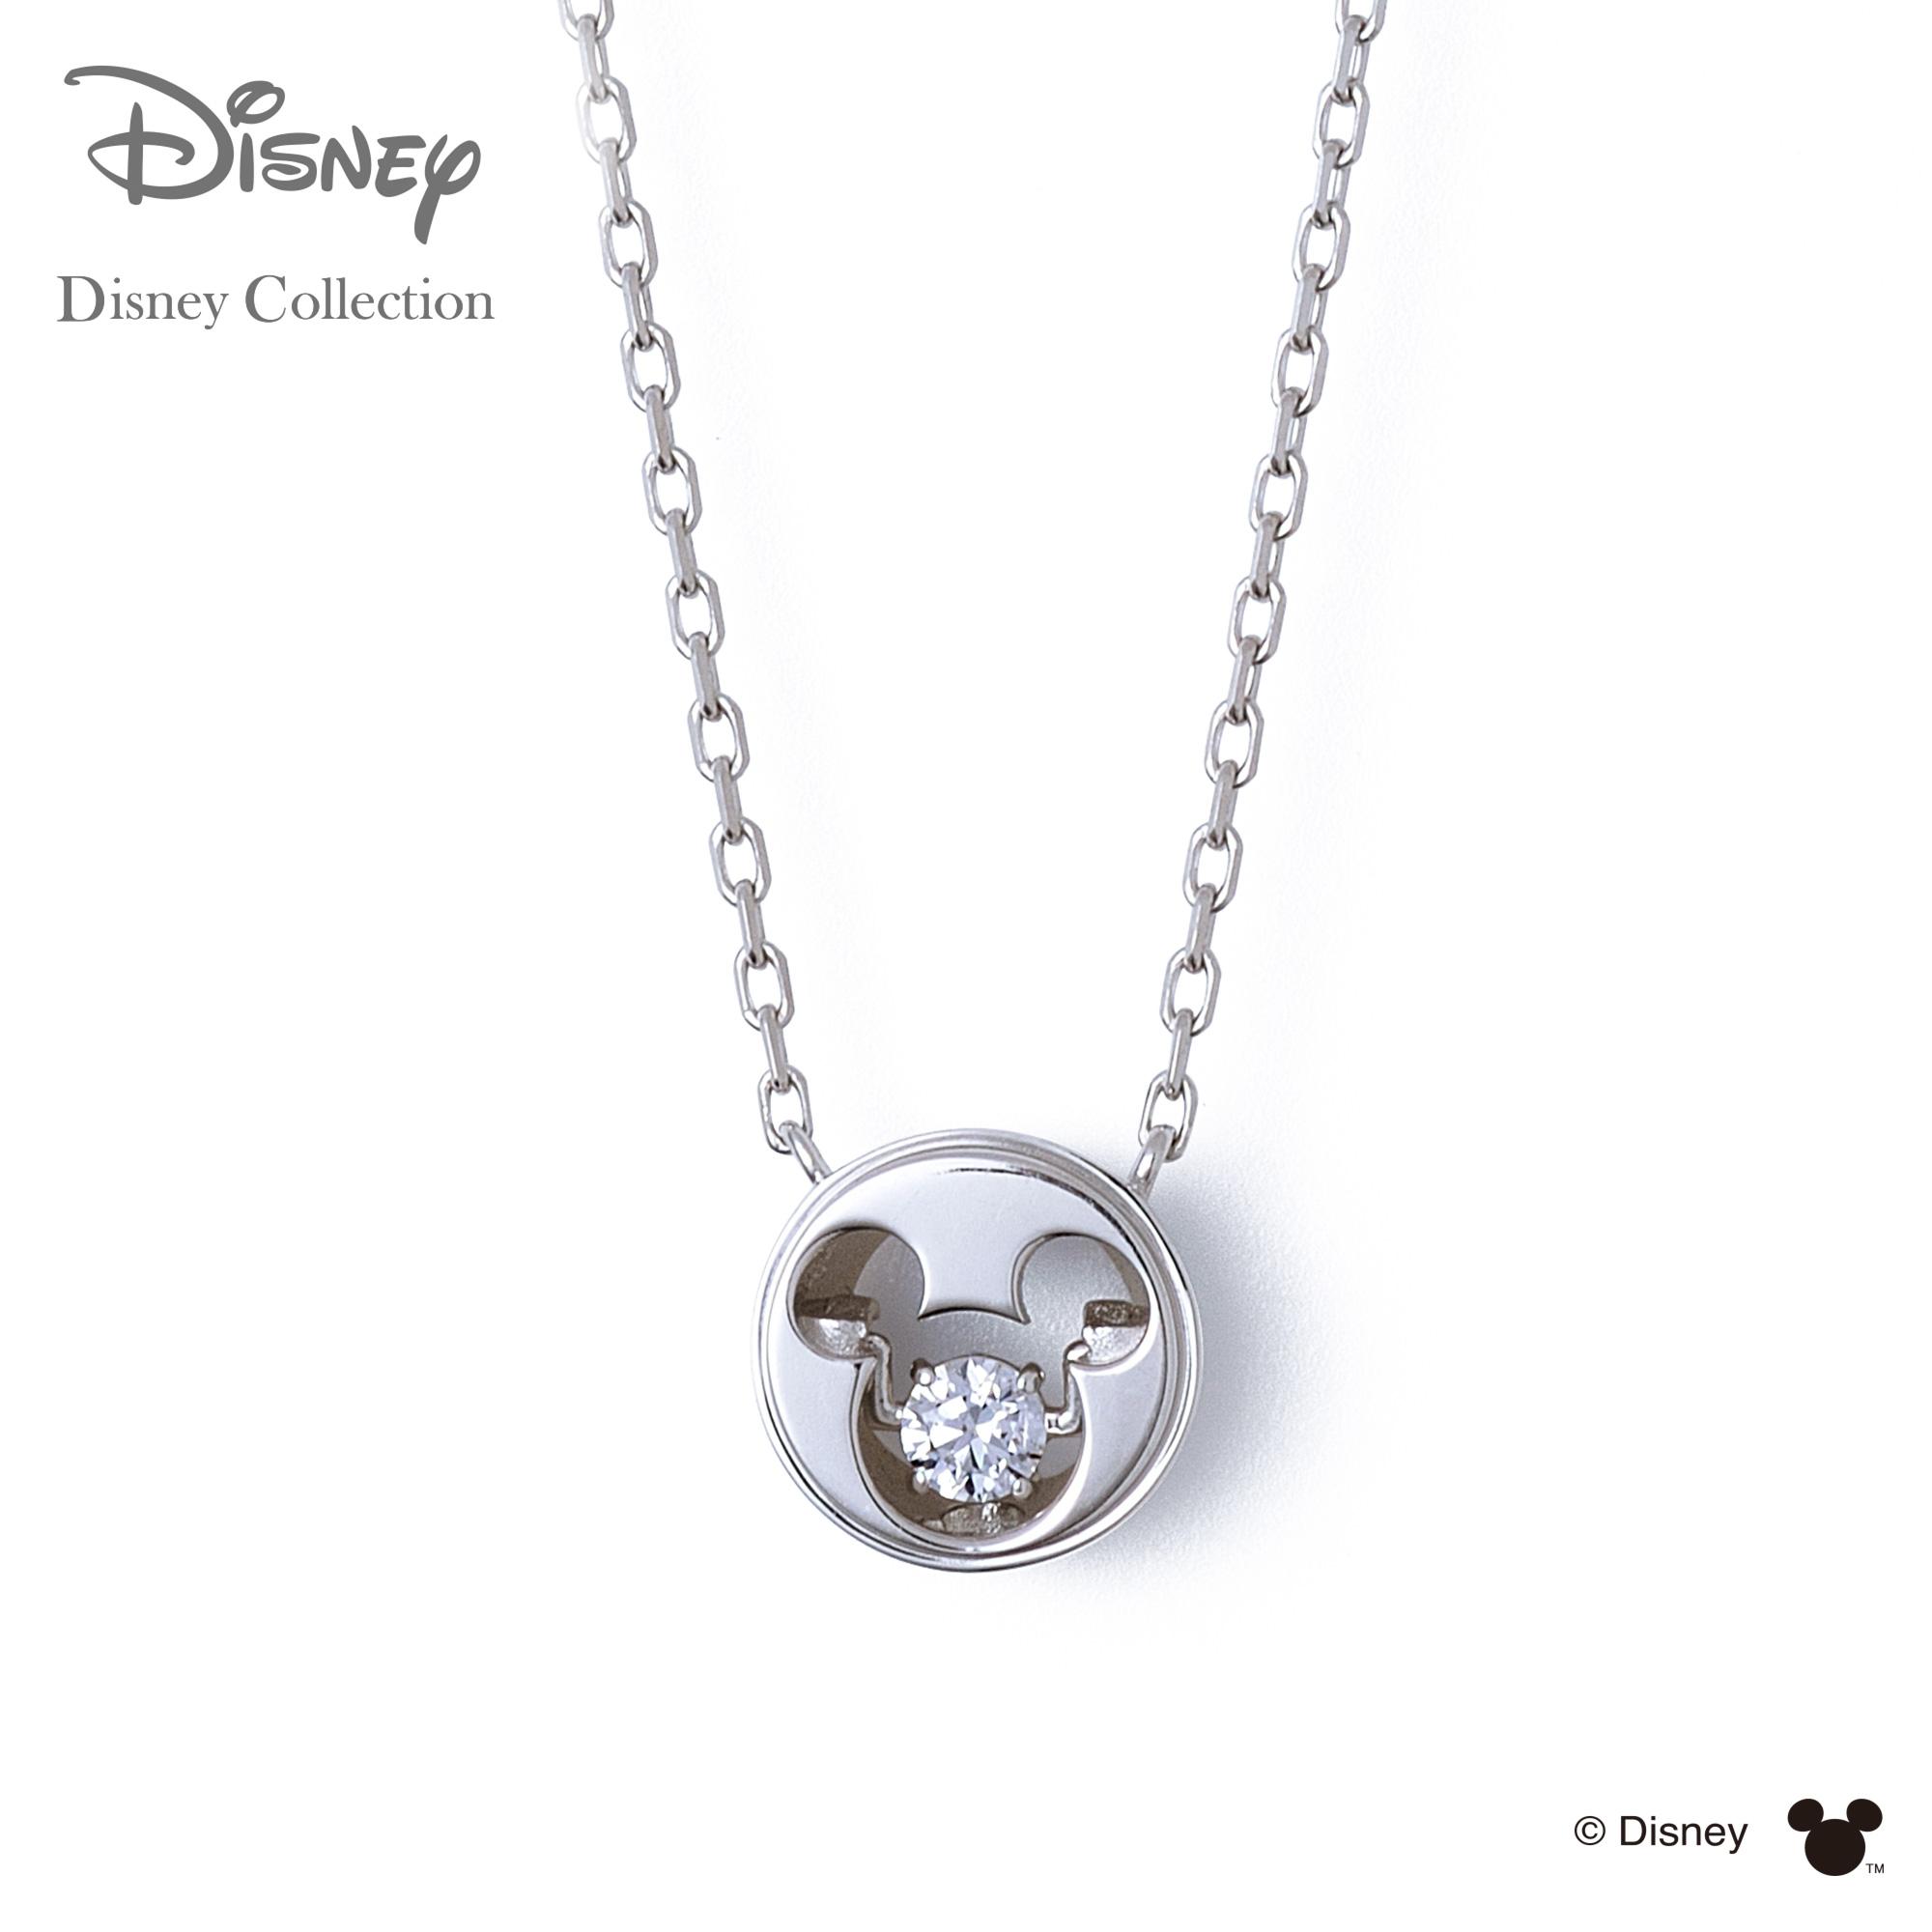 【あす楽対応】【ディズニーコレクション】 ディズニー / ネックレス / 隠れミッキーマウス / THE KISS ネックレス・ペンダント シルバー ( レディース ) DI-SN1405CB 【送料無料】